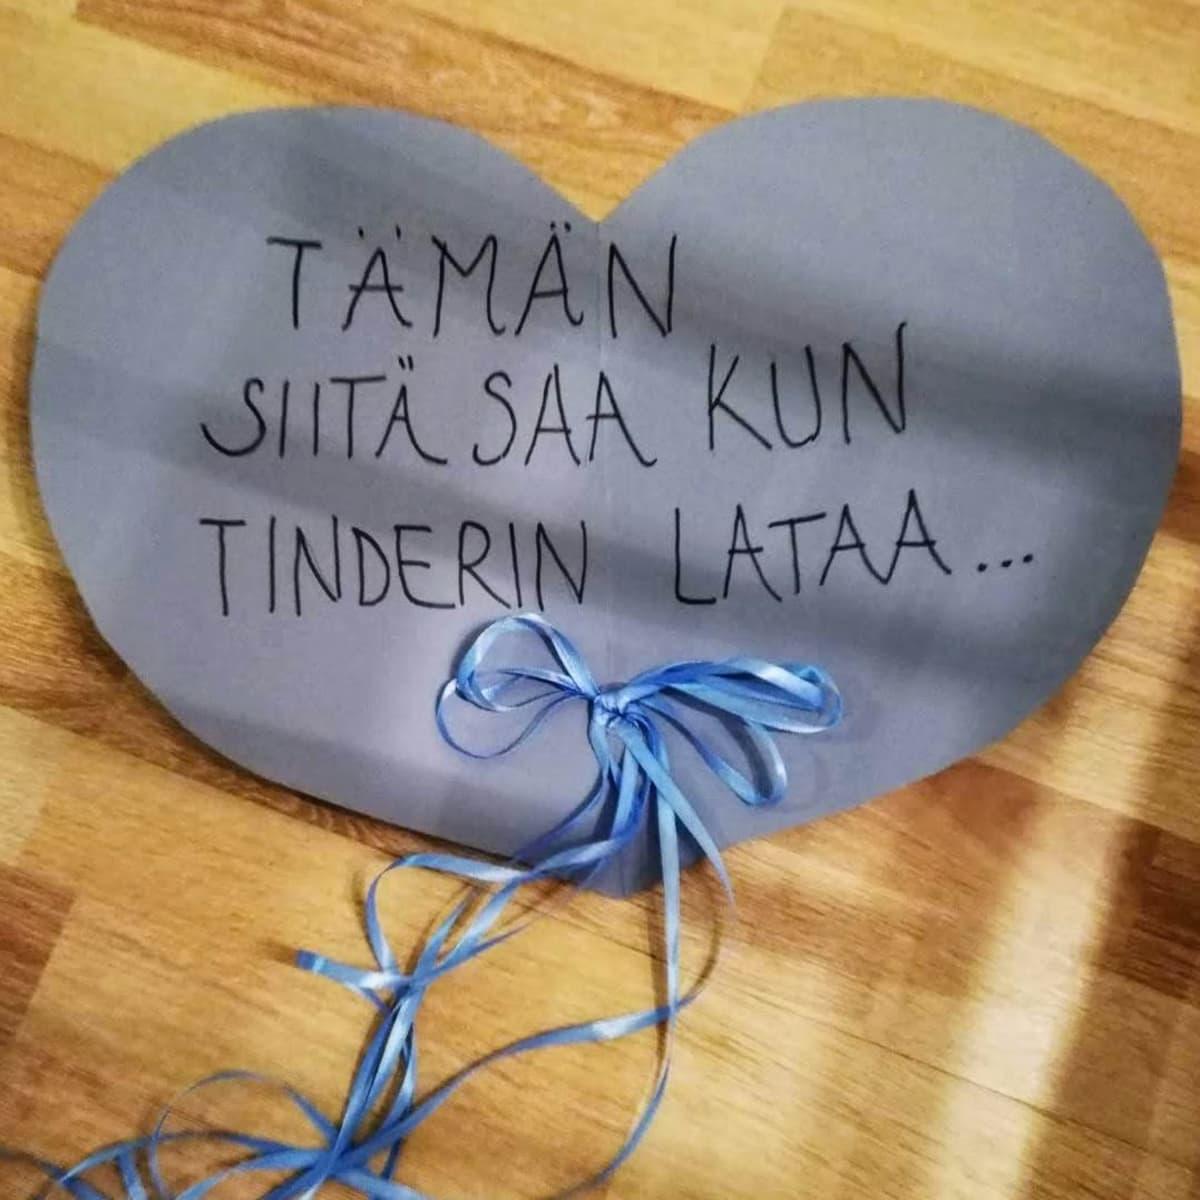 Sydän jossa lukee: tämän siitä saa kun tinderin lataa...